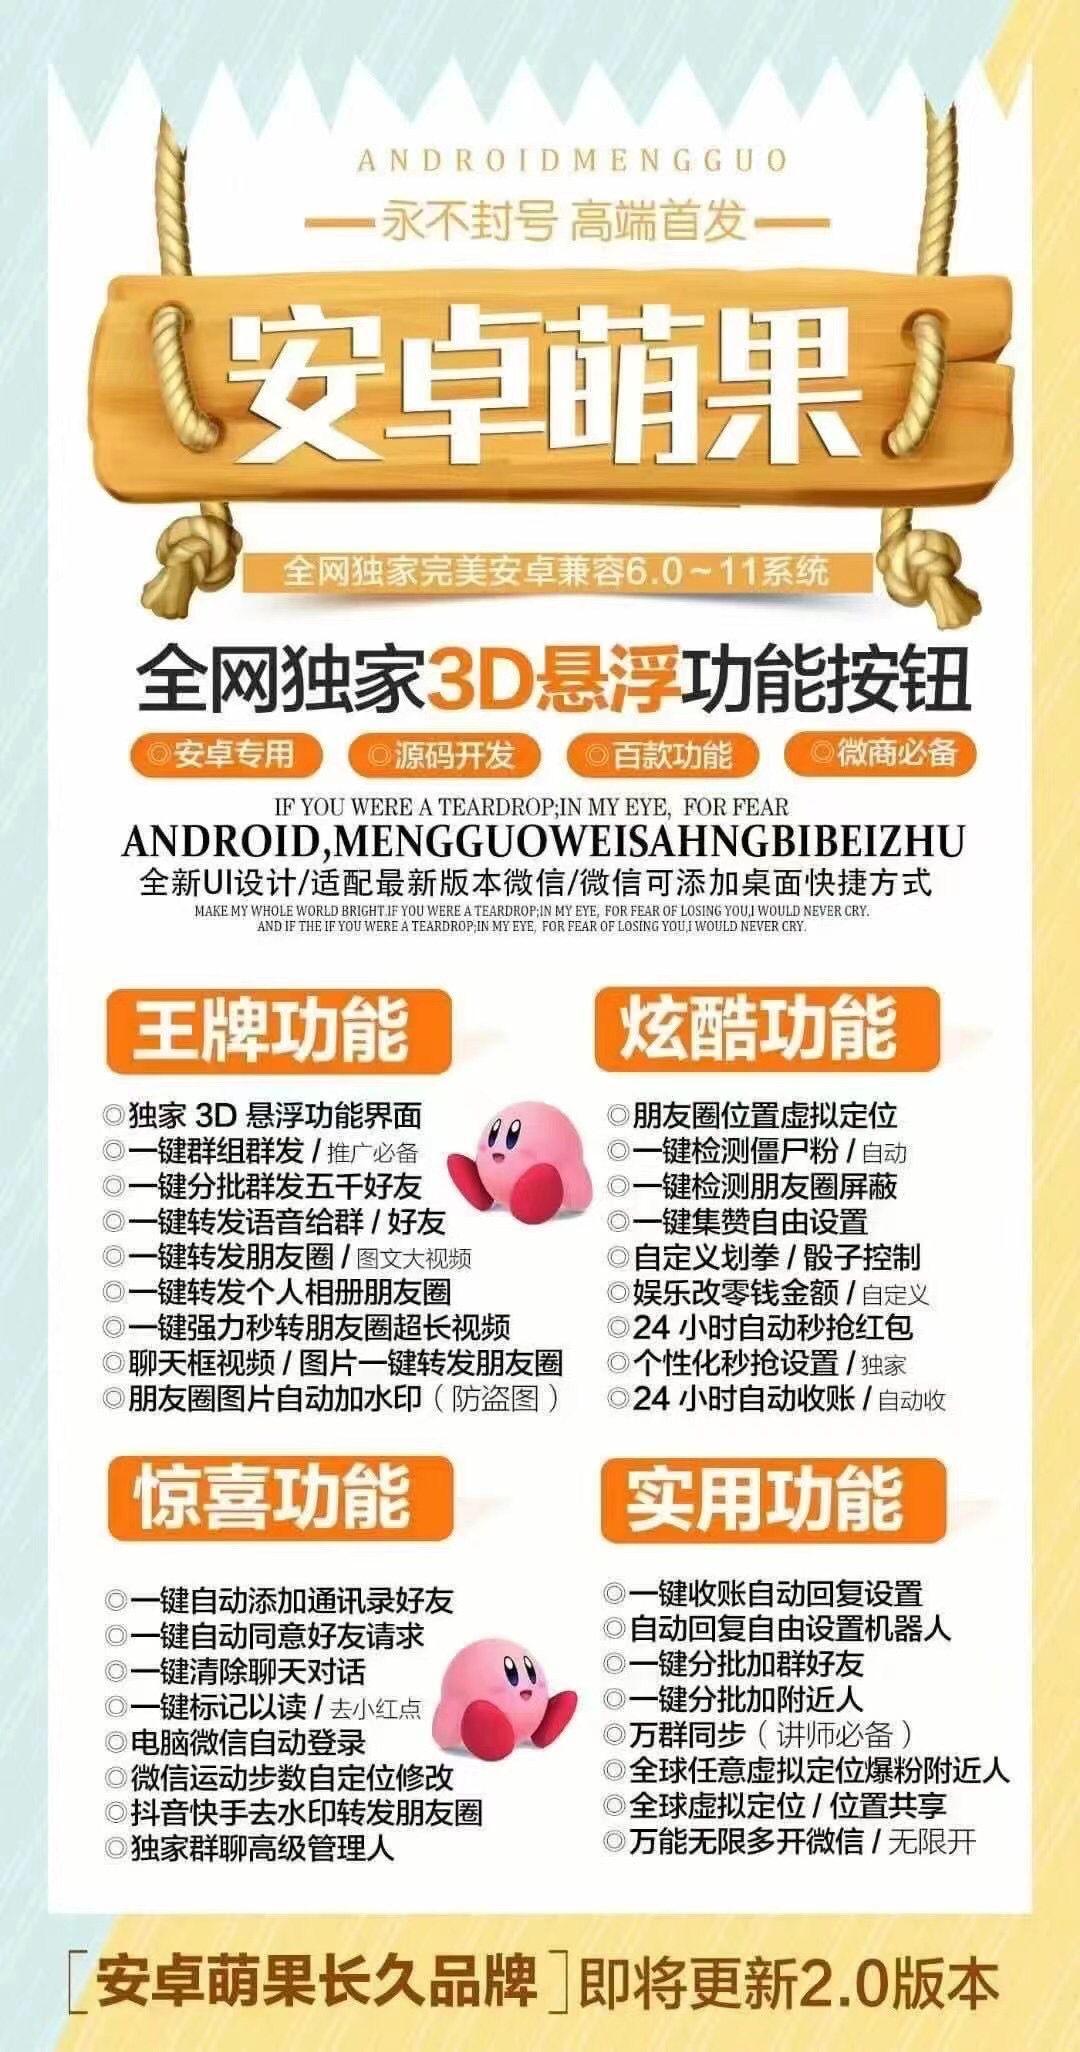 安卓萌果3.0/4.0微信一键转发语音给群/好友一键集赞自由设置一键转发朋友圈/图文大视频